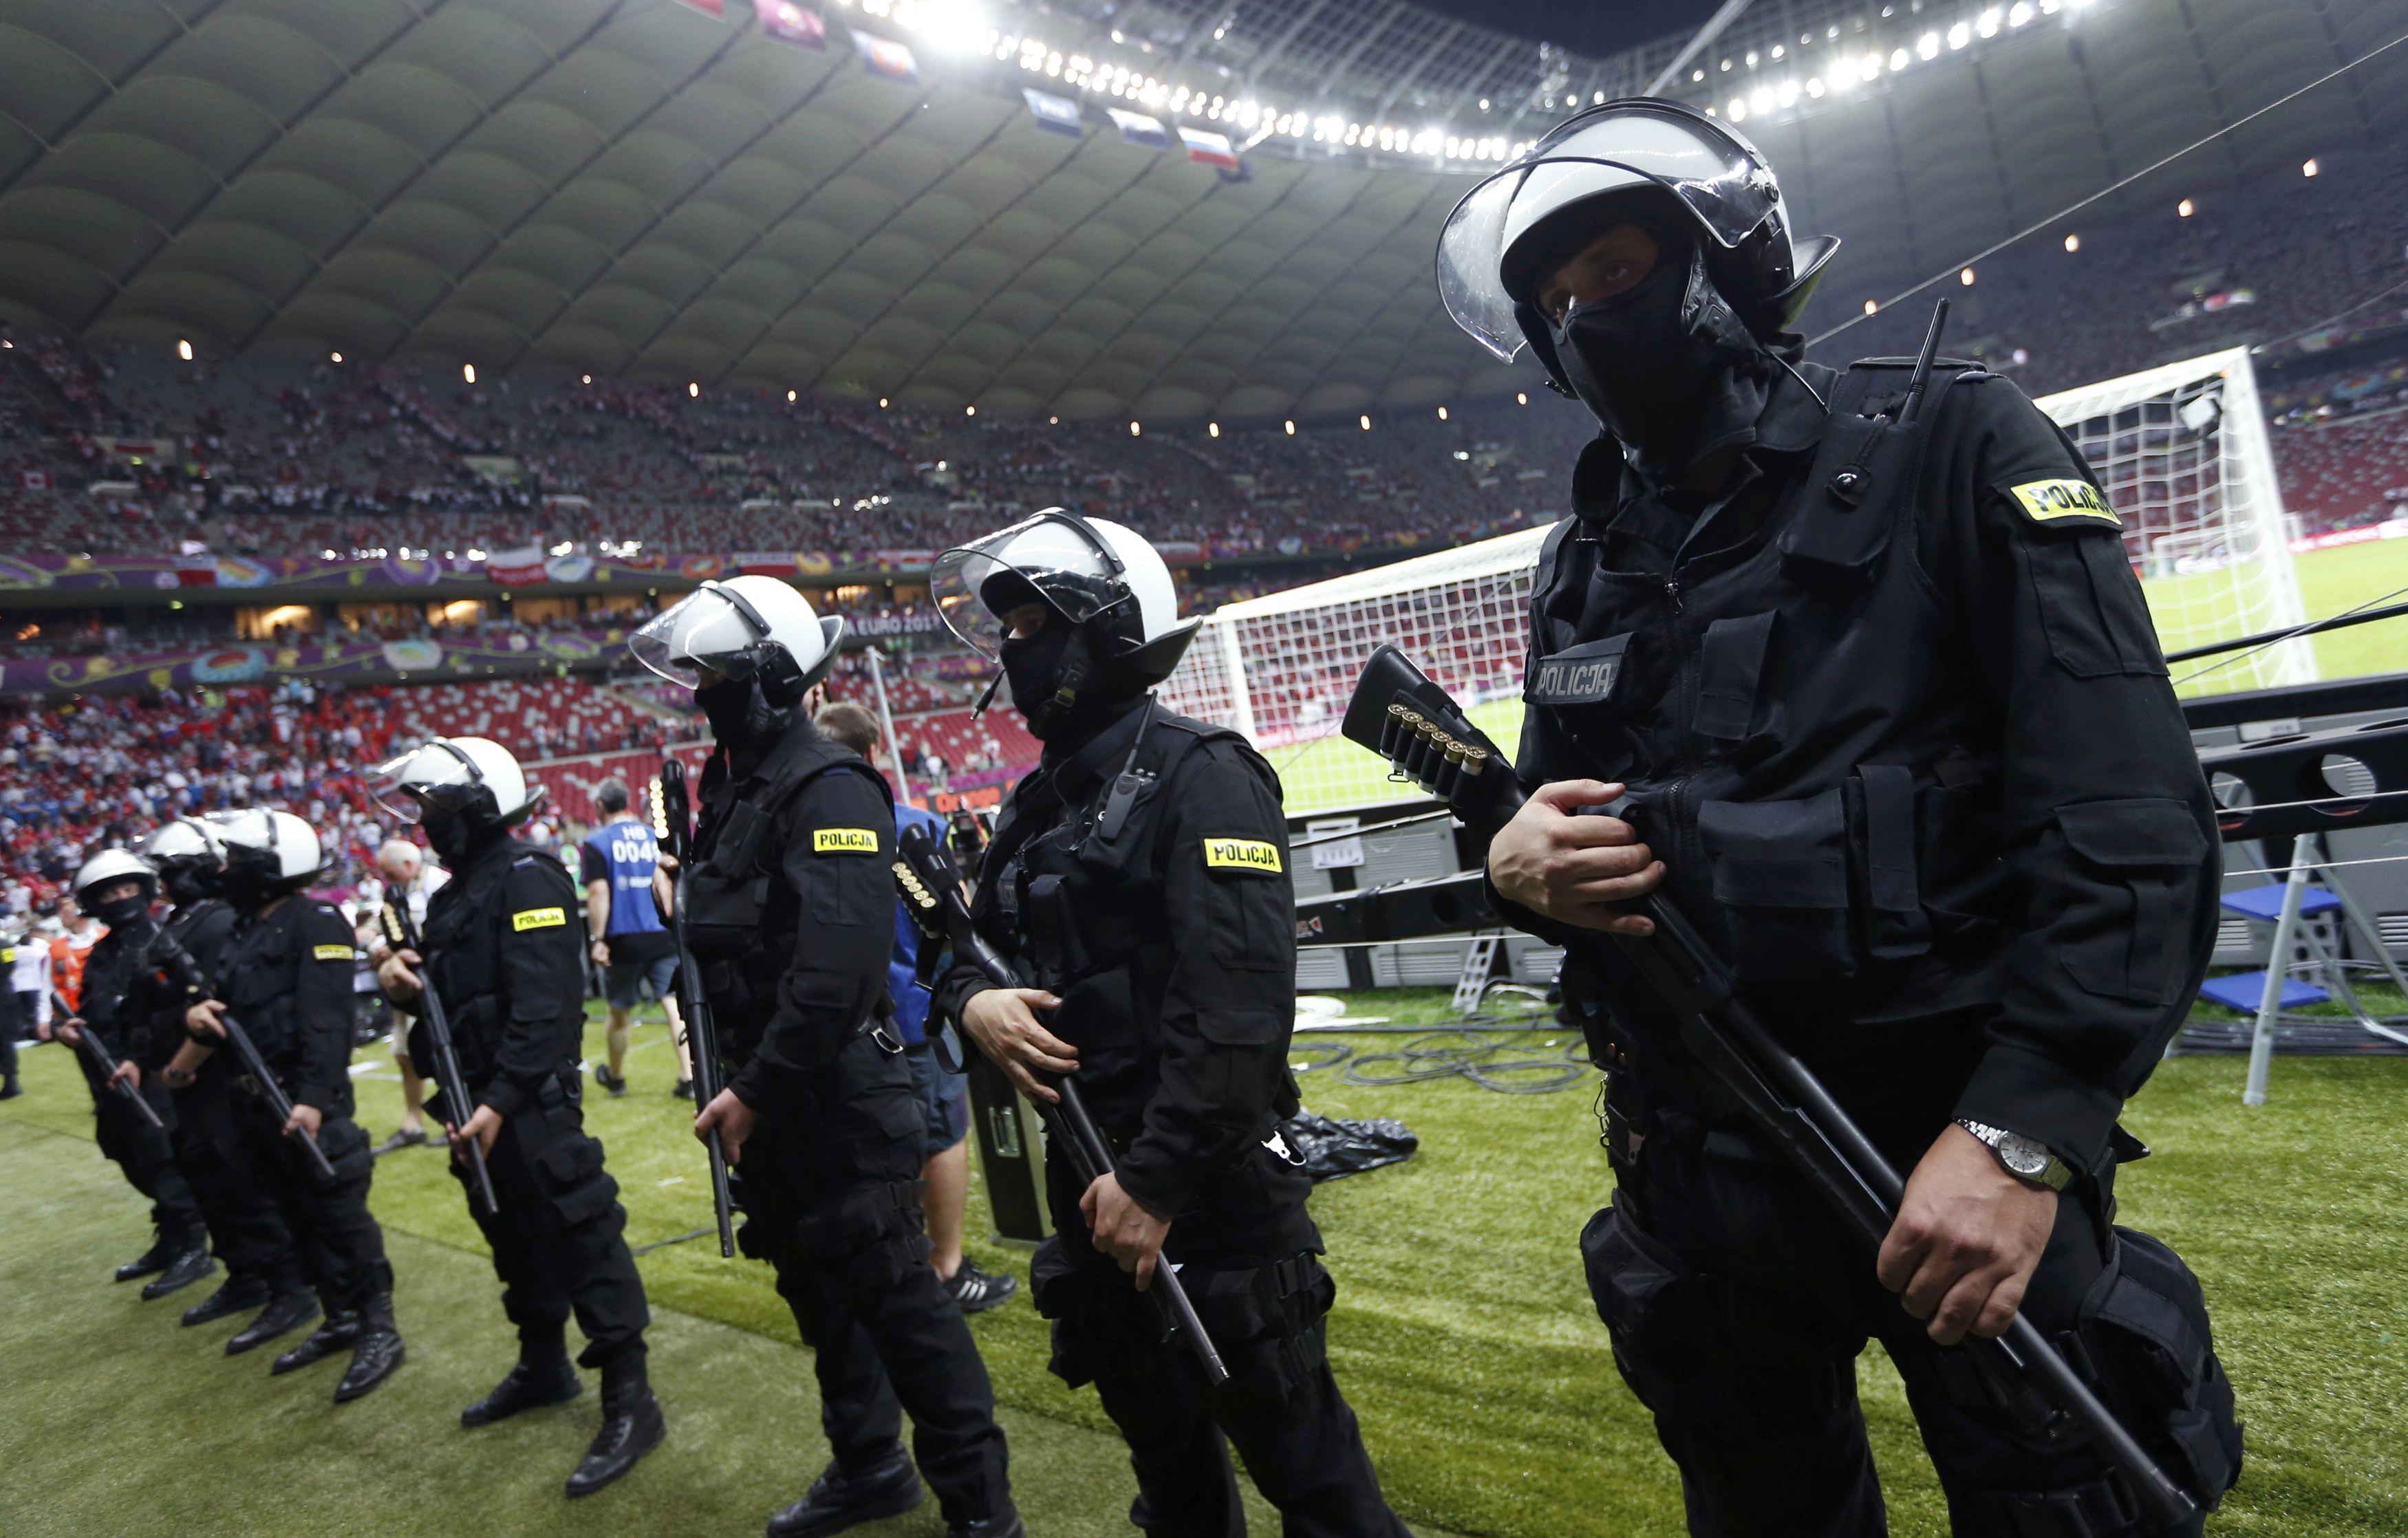 Польша направляет в Украину группу полицейских для помощи в реформах - Цензор.НЕТ 8256